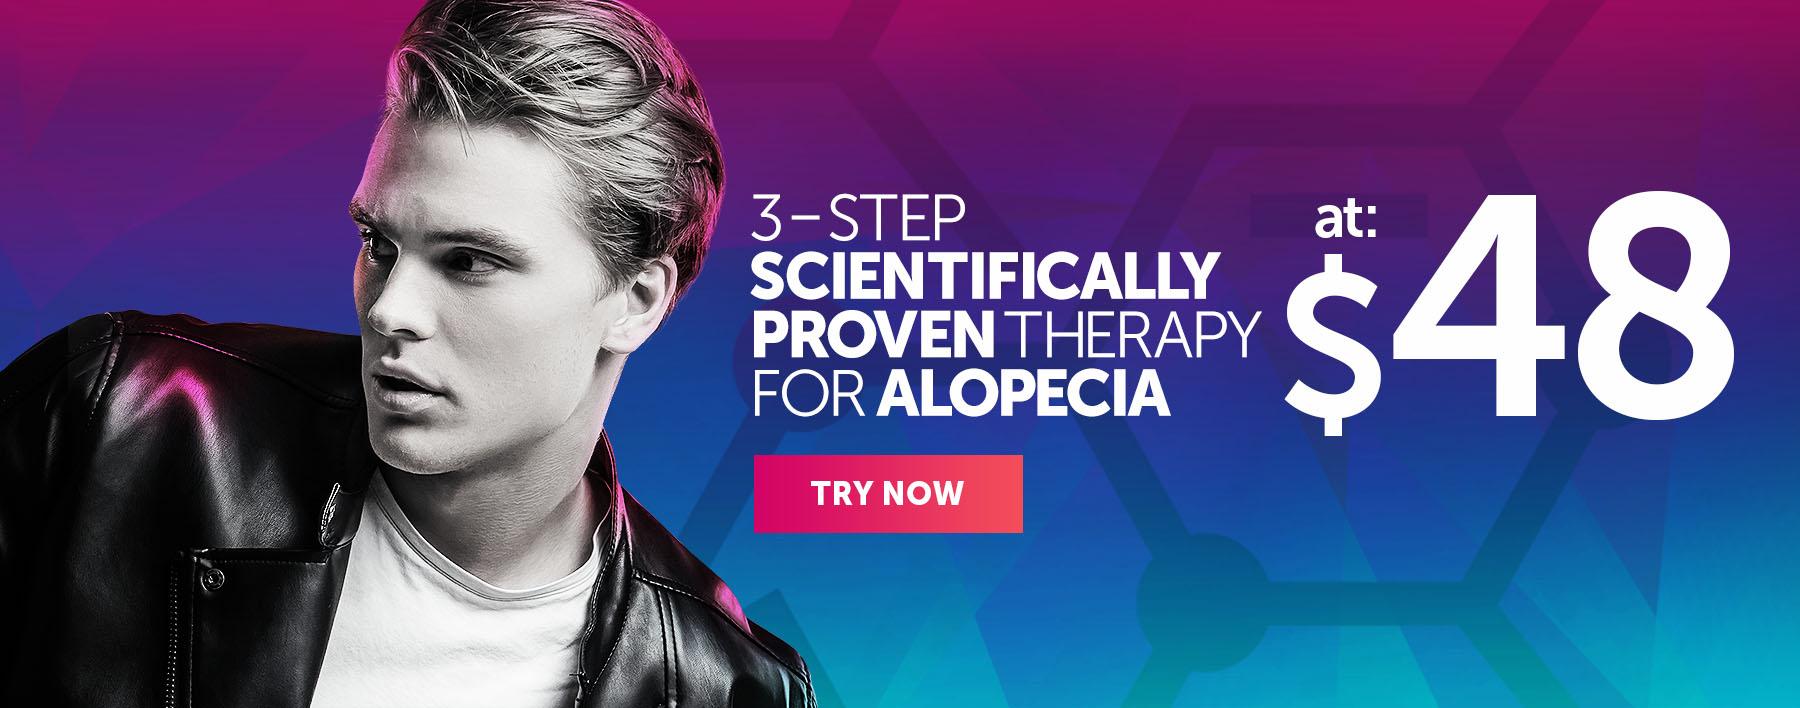 Scientifically Proven Therapy for Alopecia